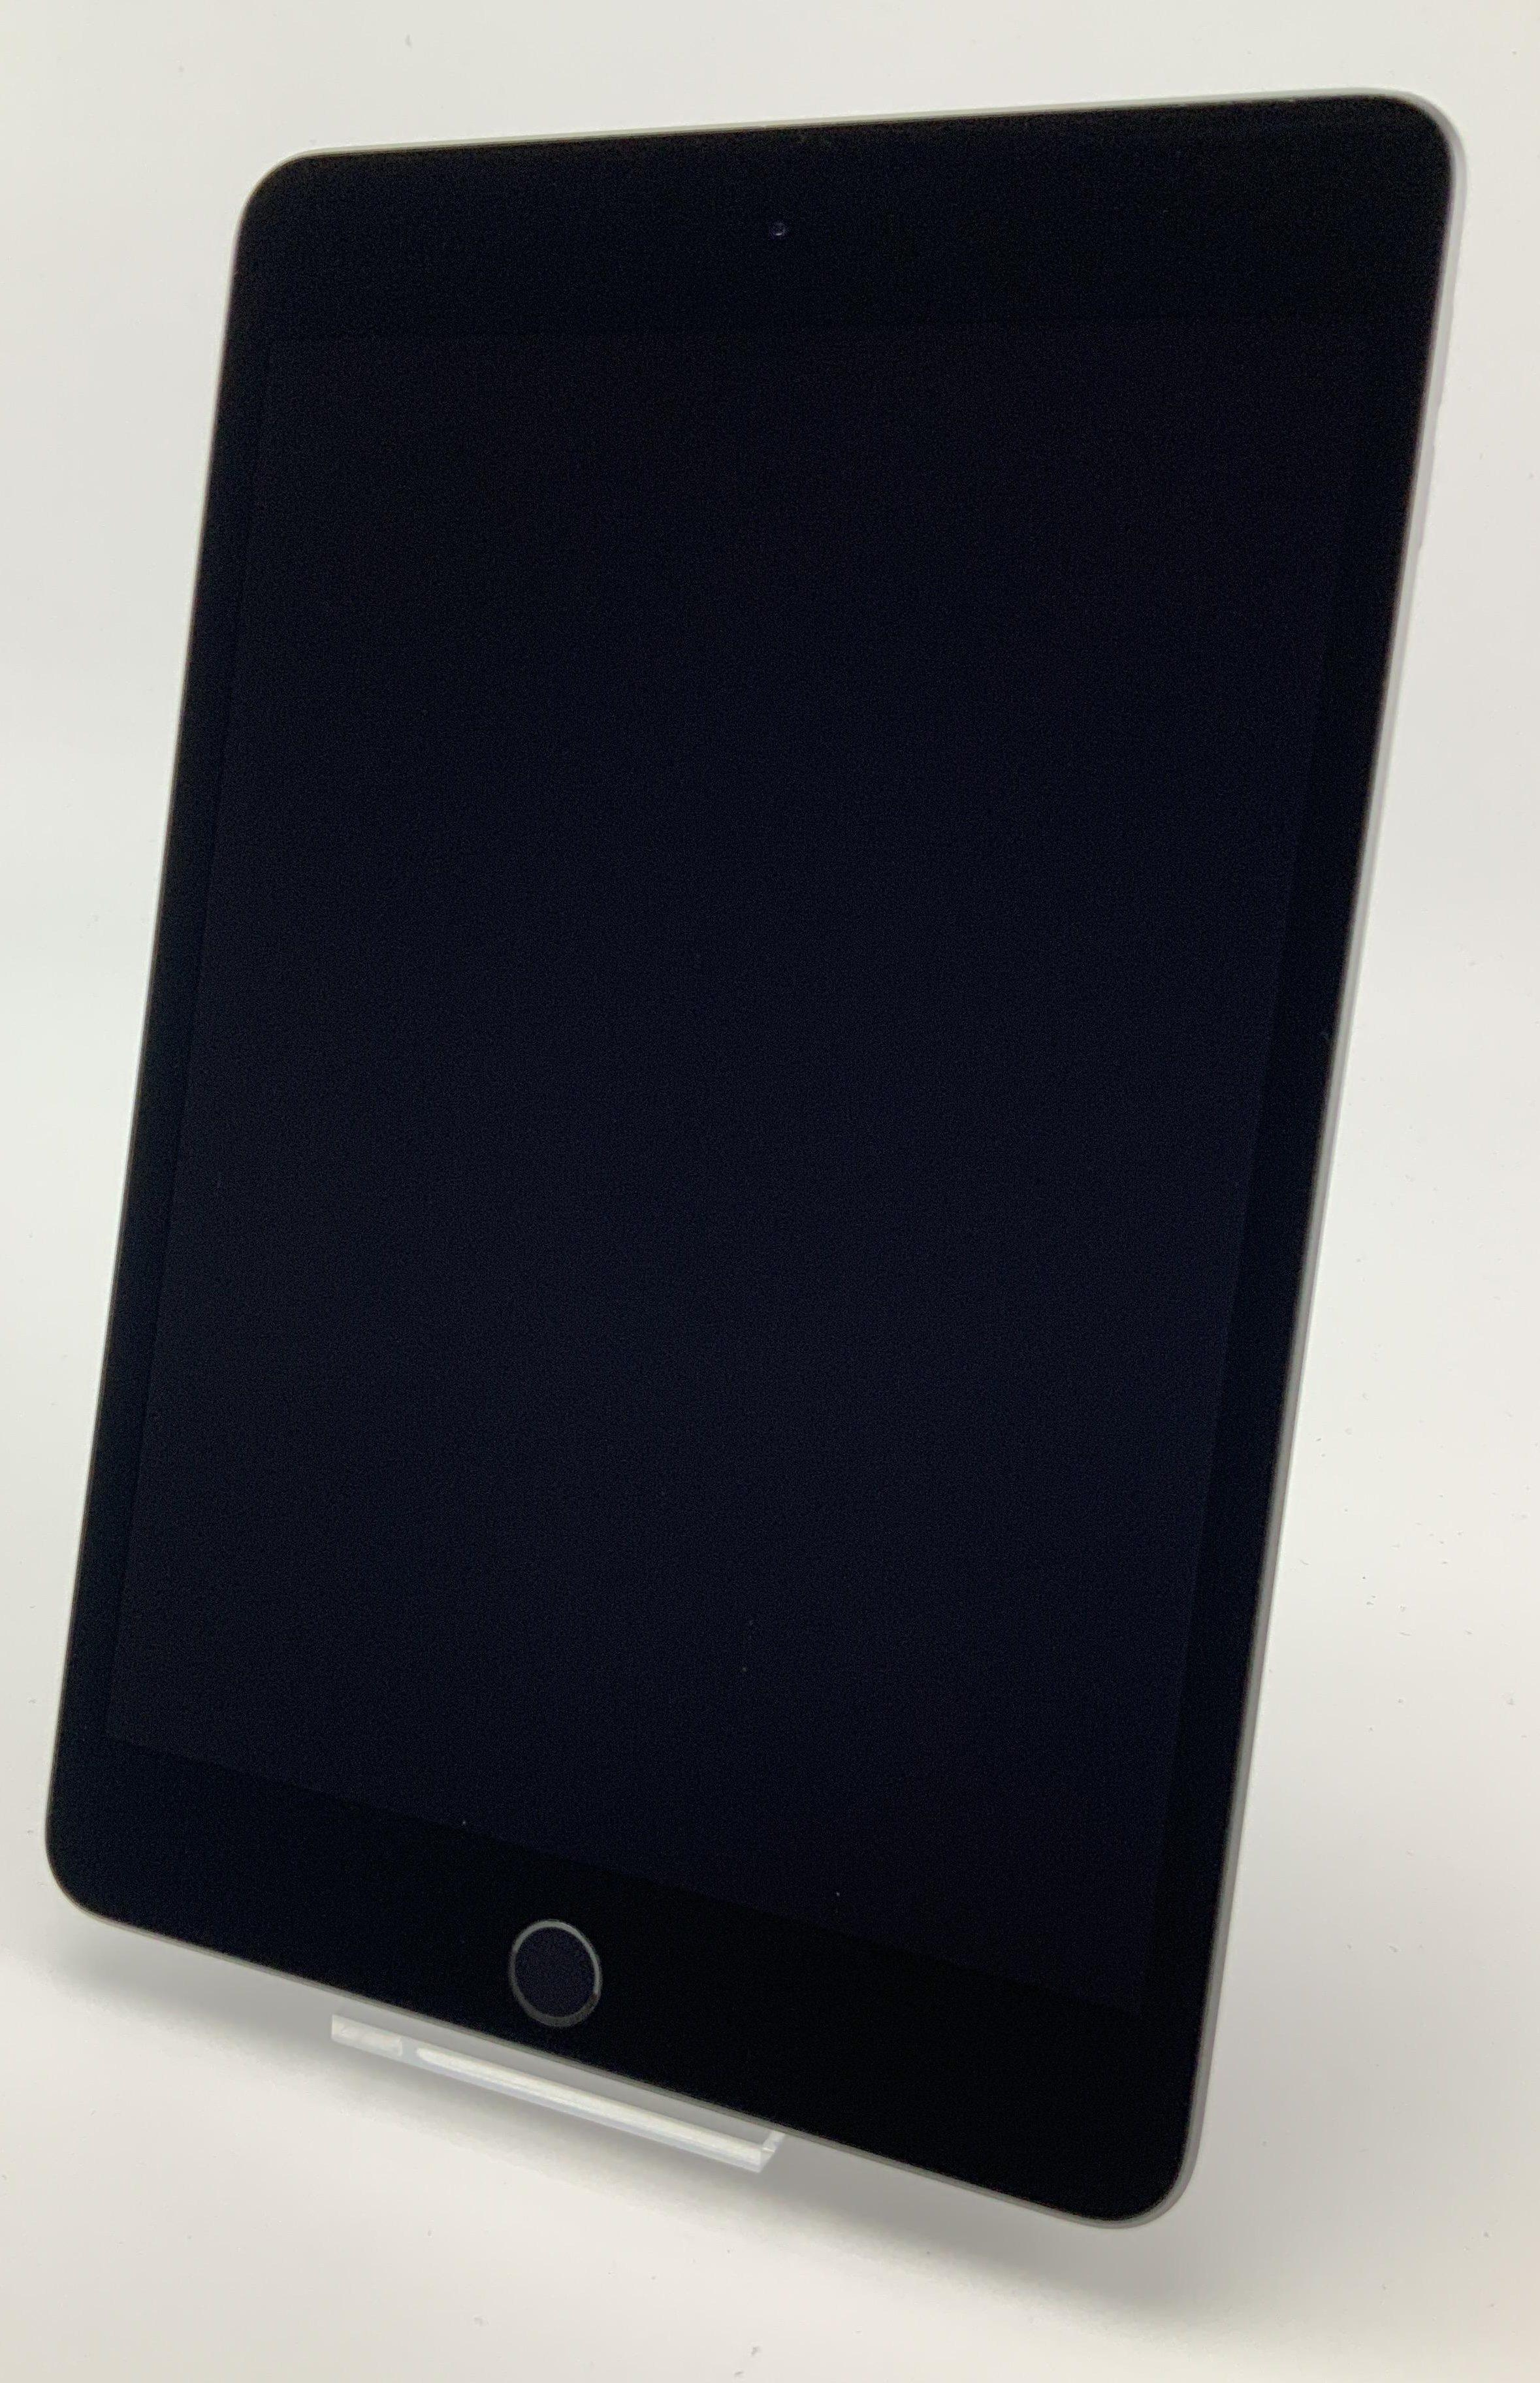 iPad mini 5 Wi-Fi 64GB, 64GB, Space Gray, image 1